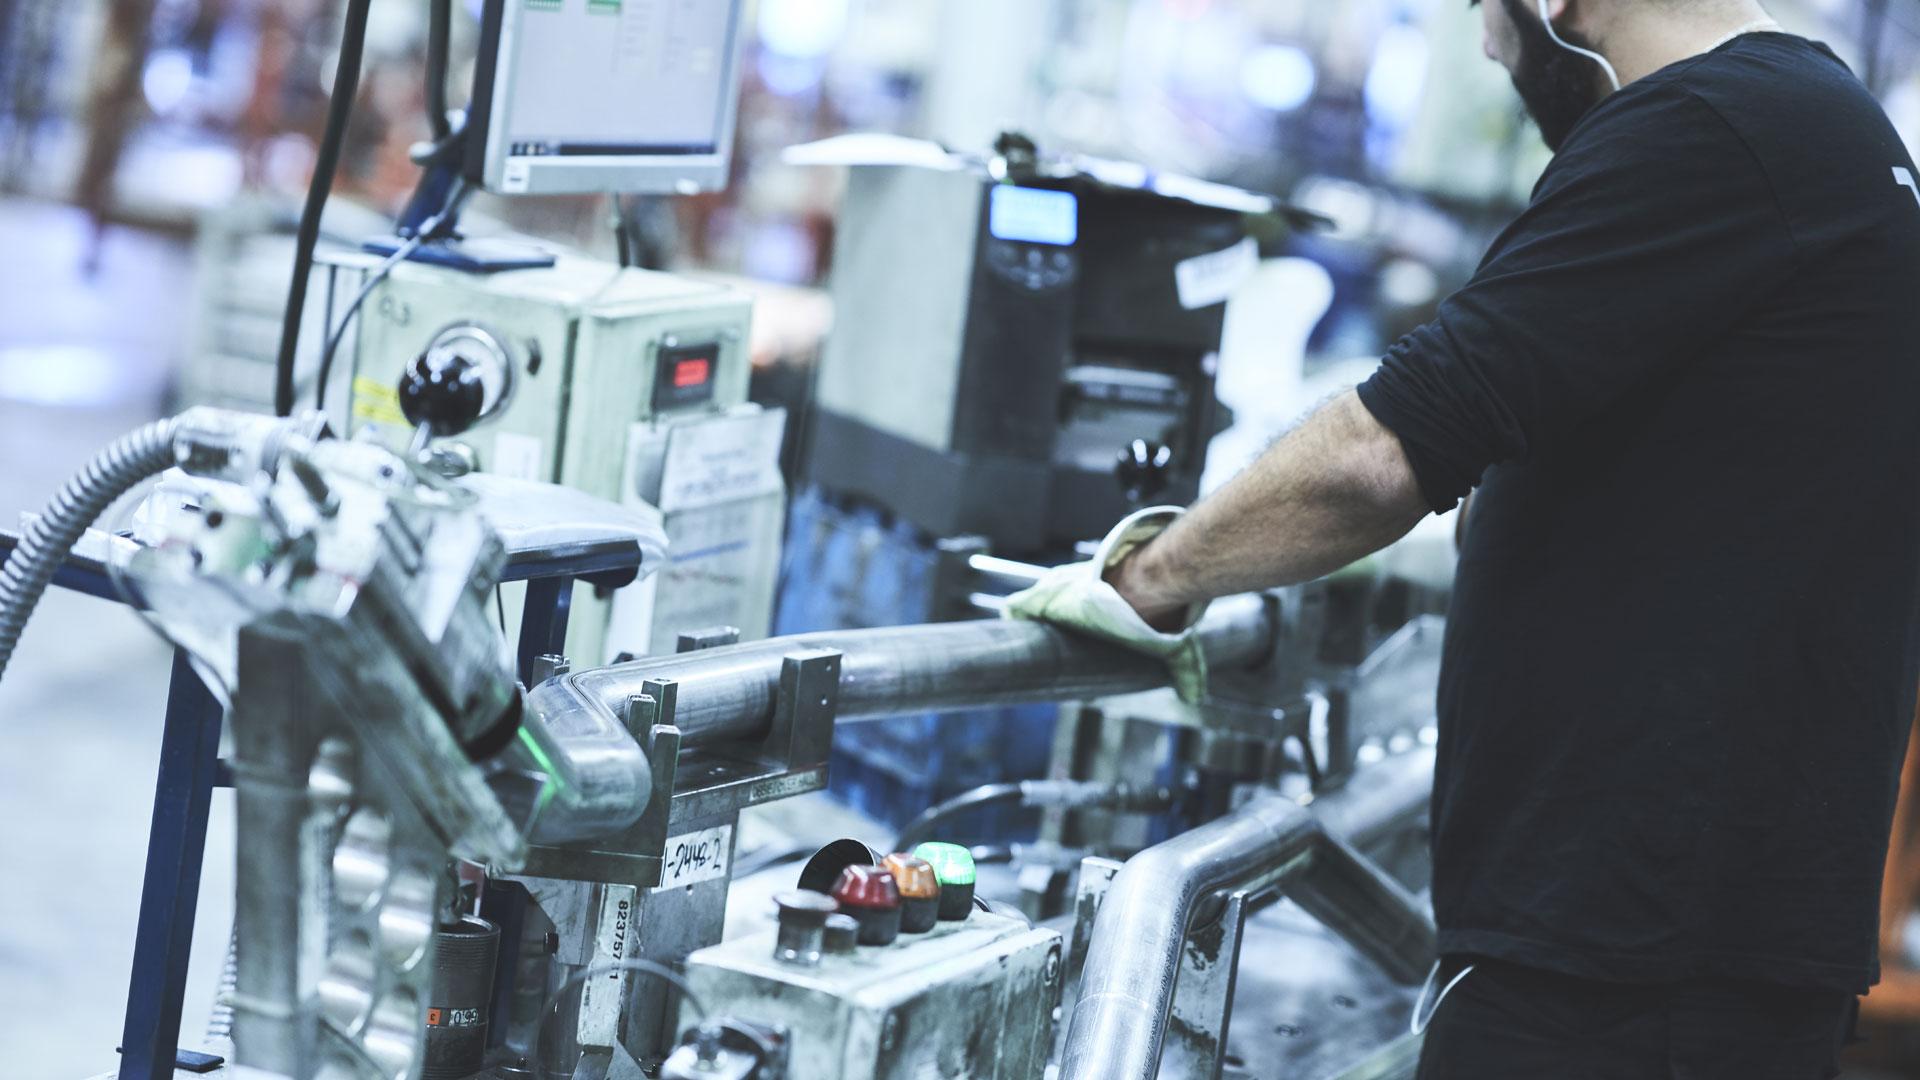 Bocka rör i material som stålrör, hydraulrör, rostfria rör, mässingsrör, kopparrör och aluminiumrör